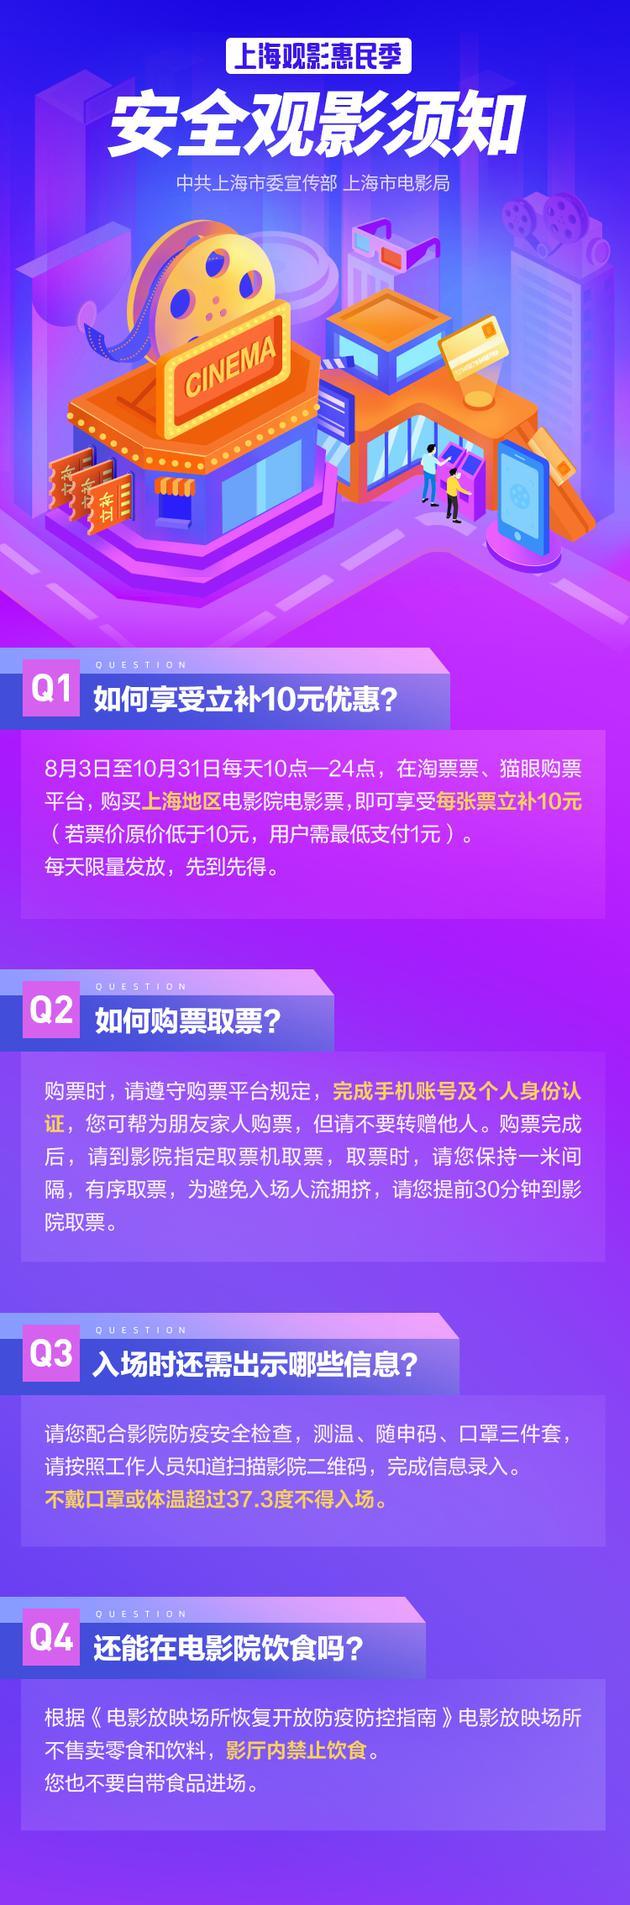 【摩臣2平台开户】活摩臣2平台开户动市民买电图片